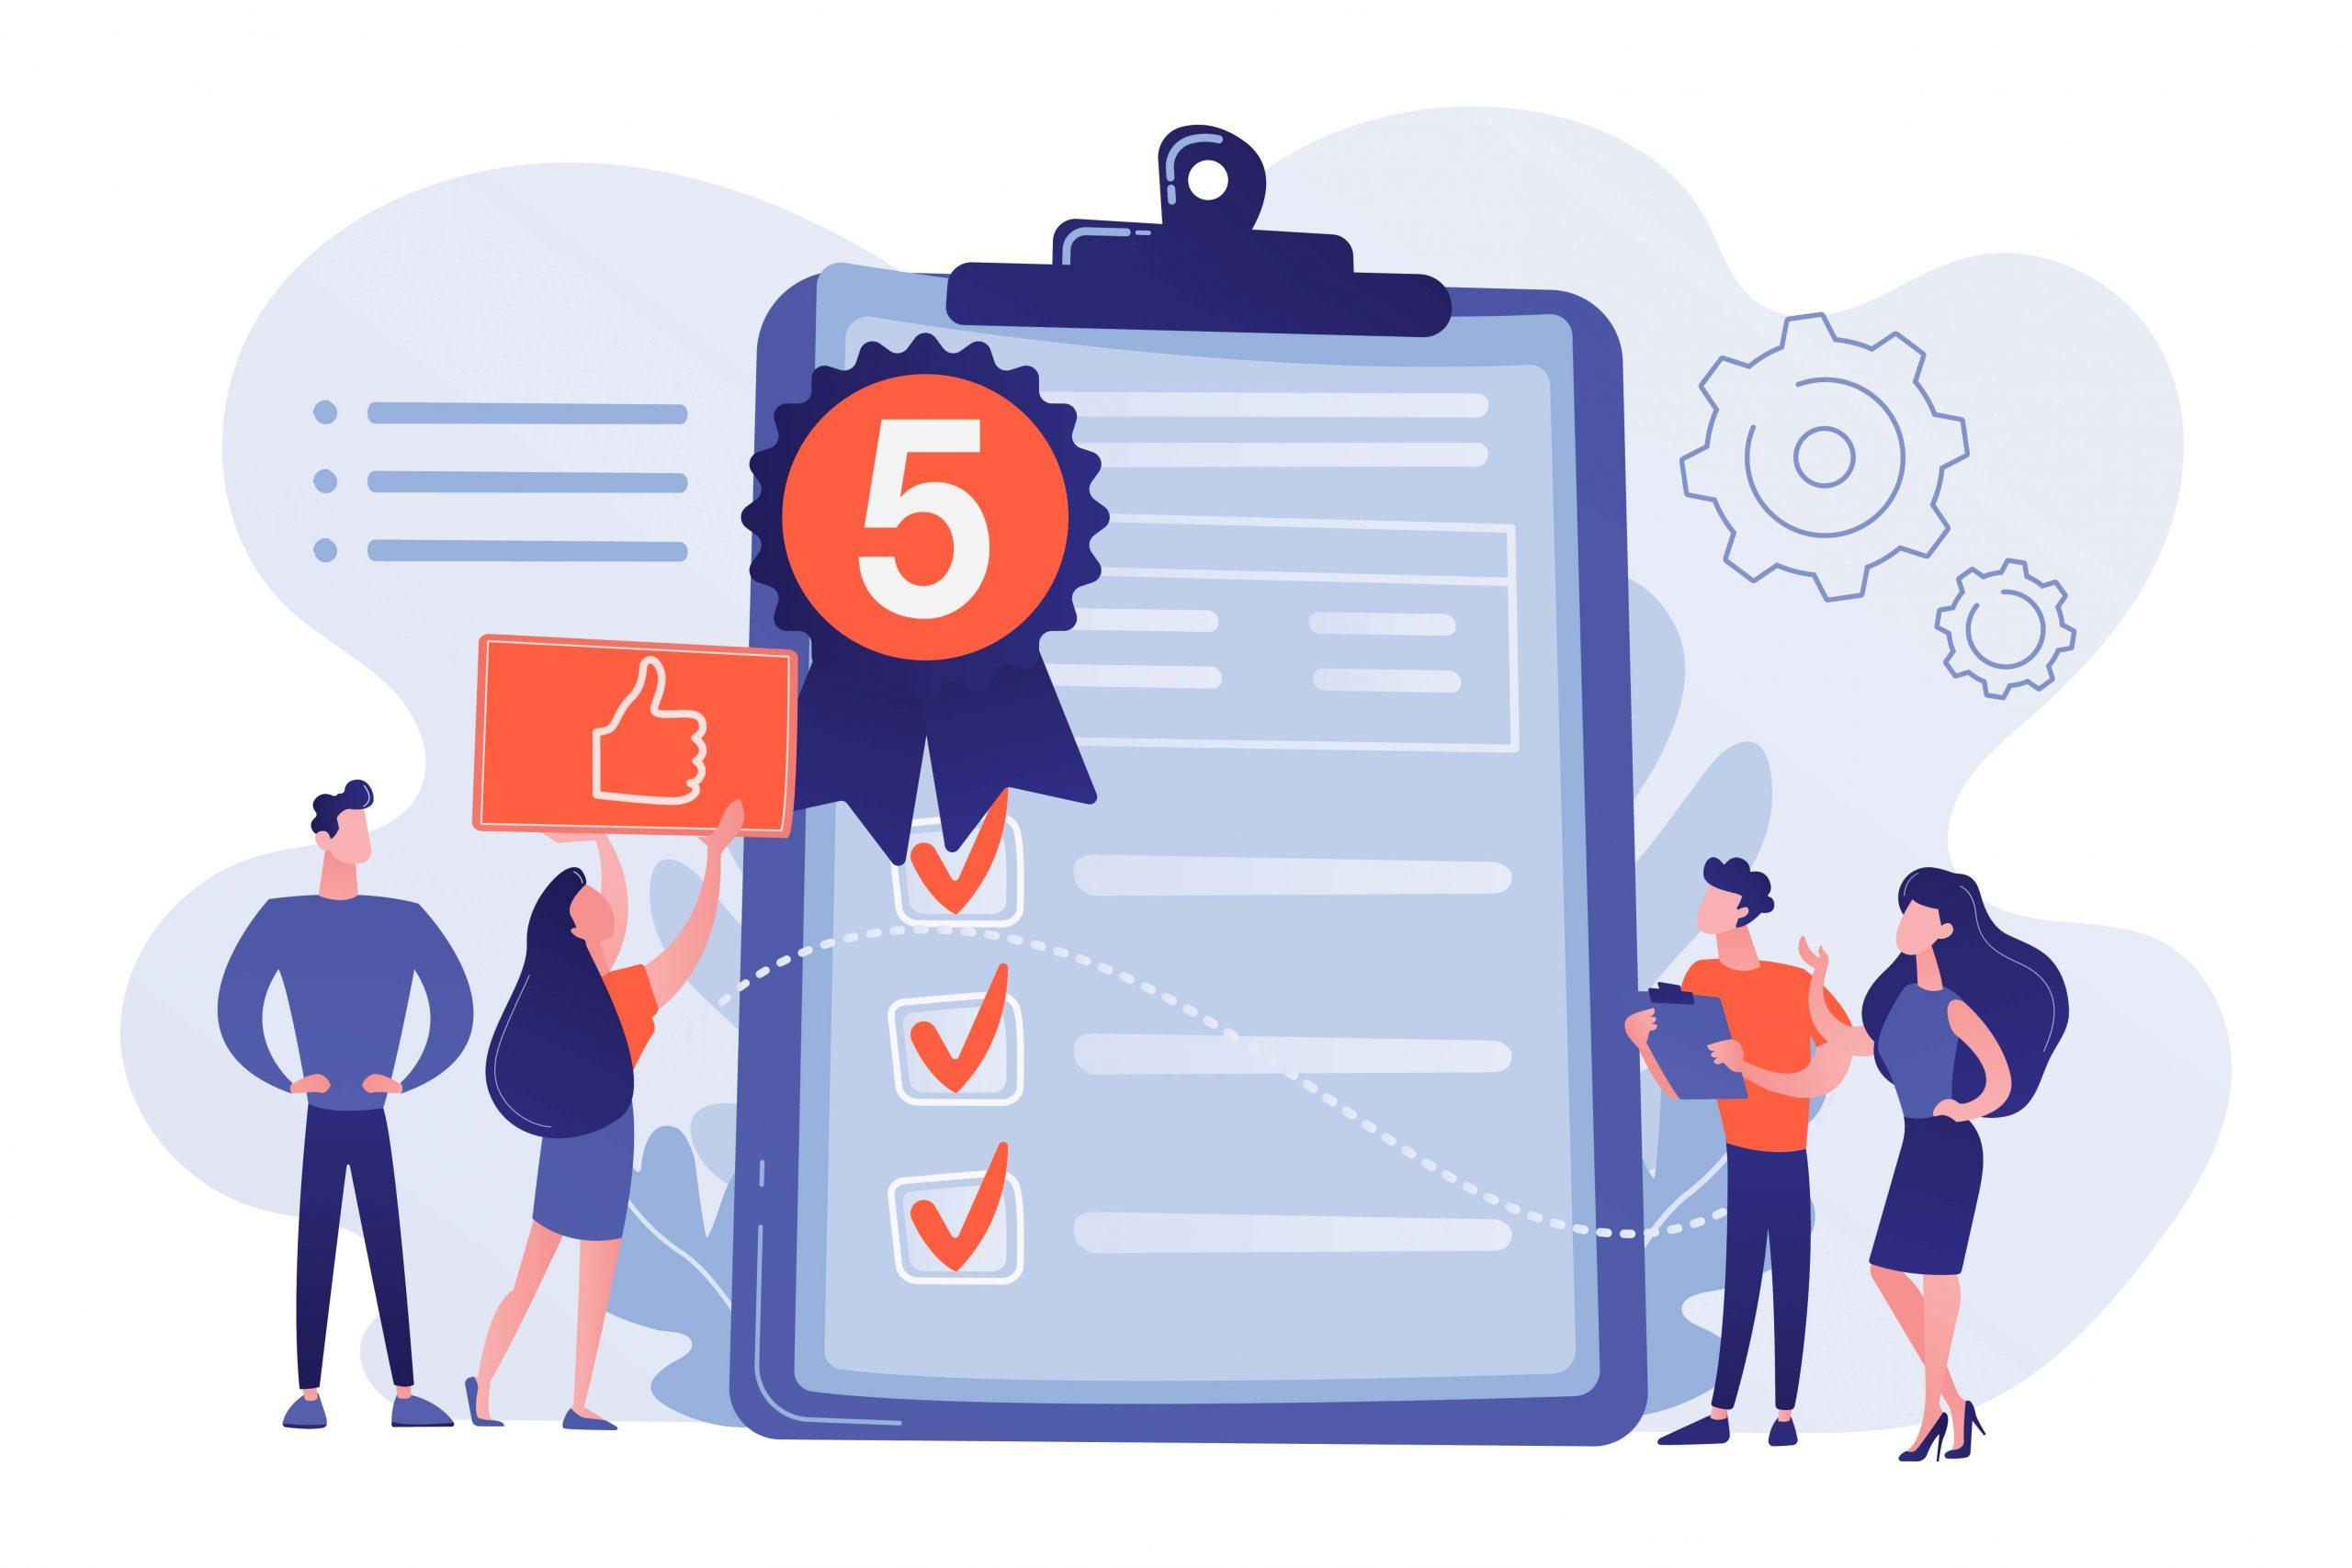 5 attentes post-covid en matière d'expérience client